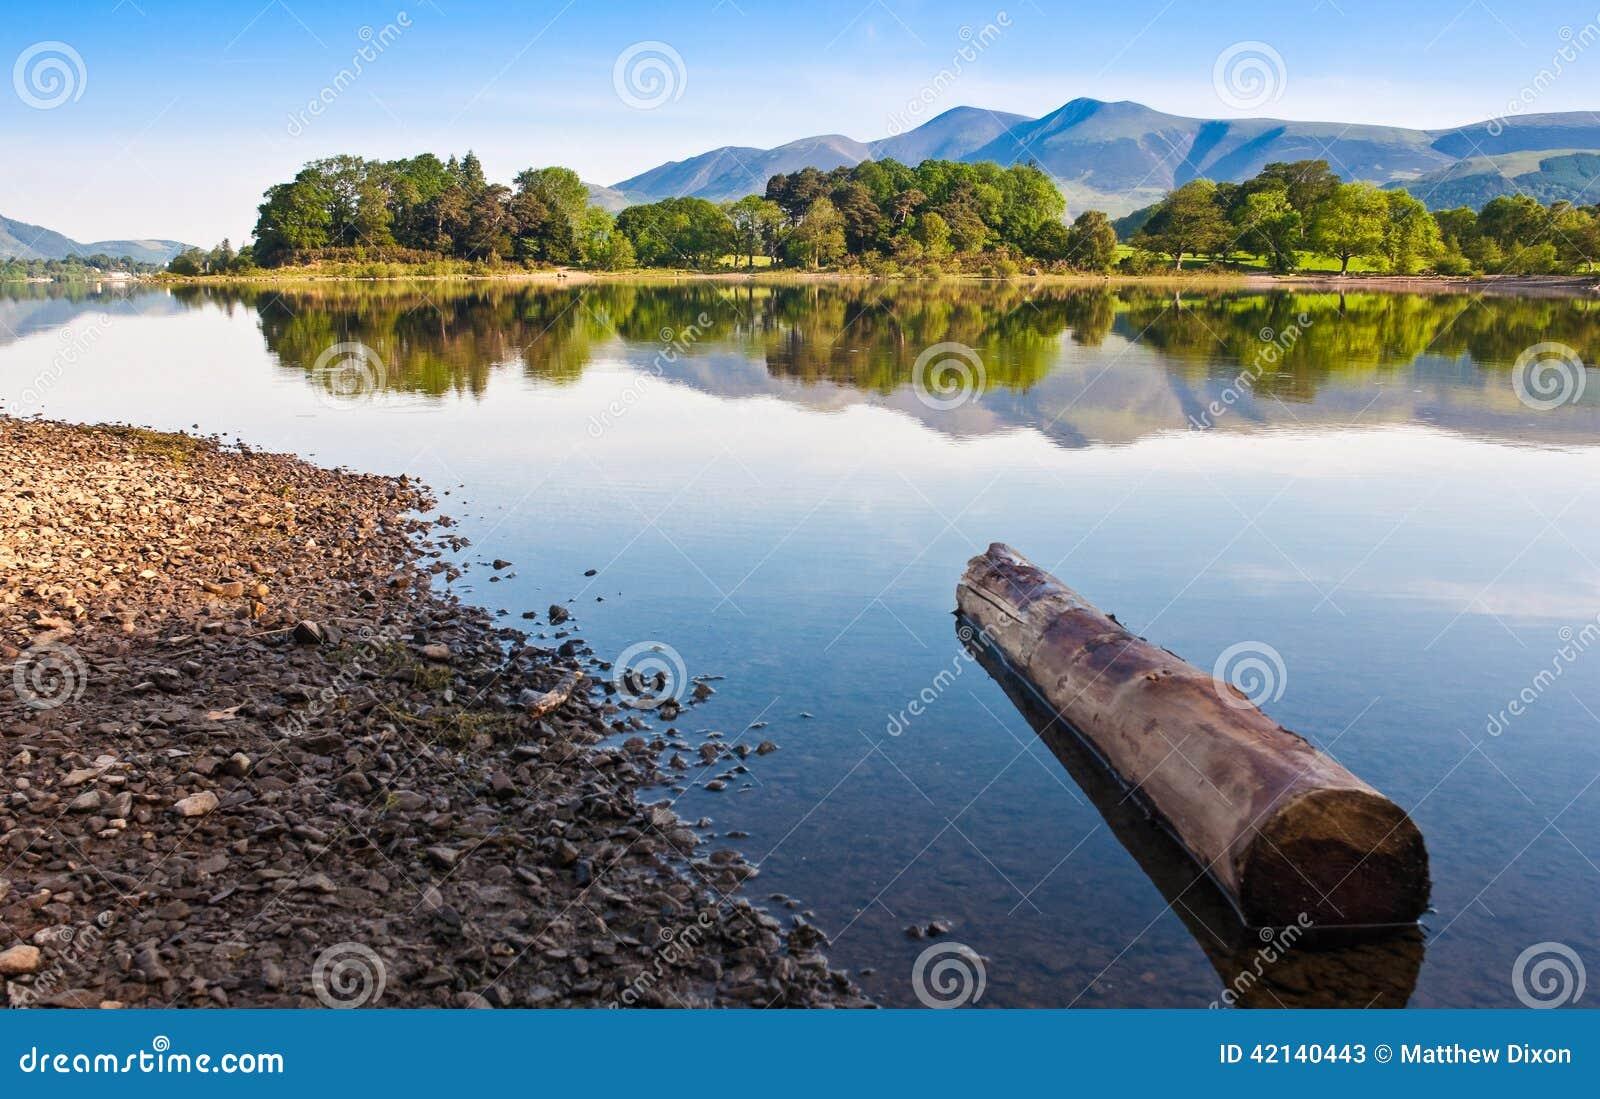 Заречье озера, Cumbria, Великобритания